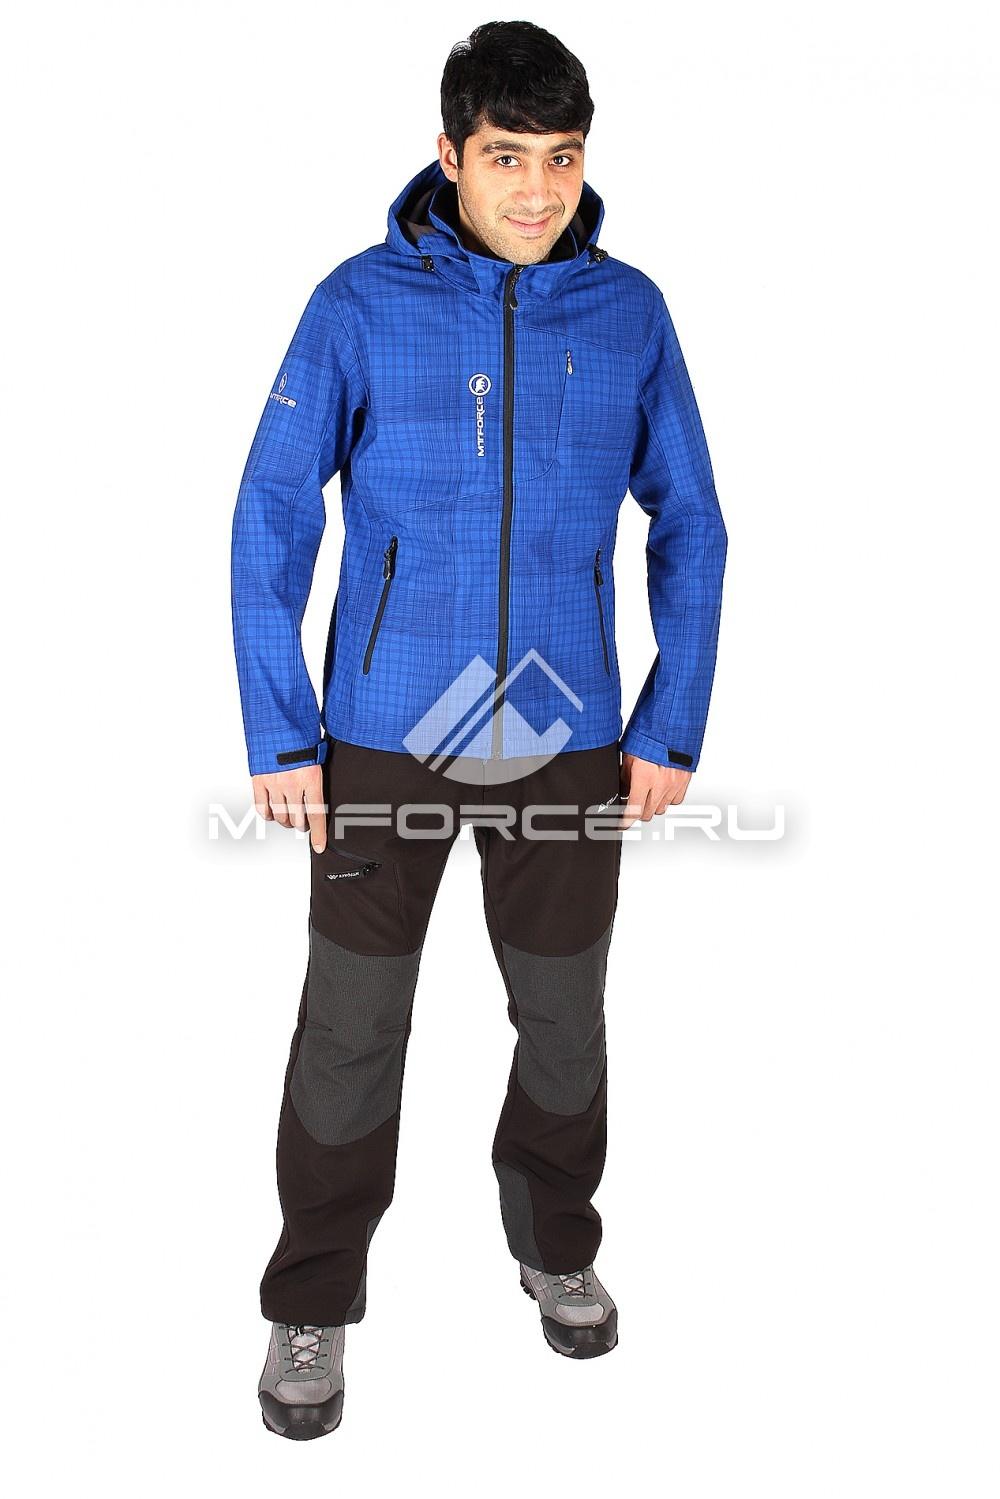 Купить                                  оптом Костюм виндстопер мужской синего цвета  01504_1S